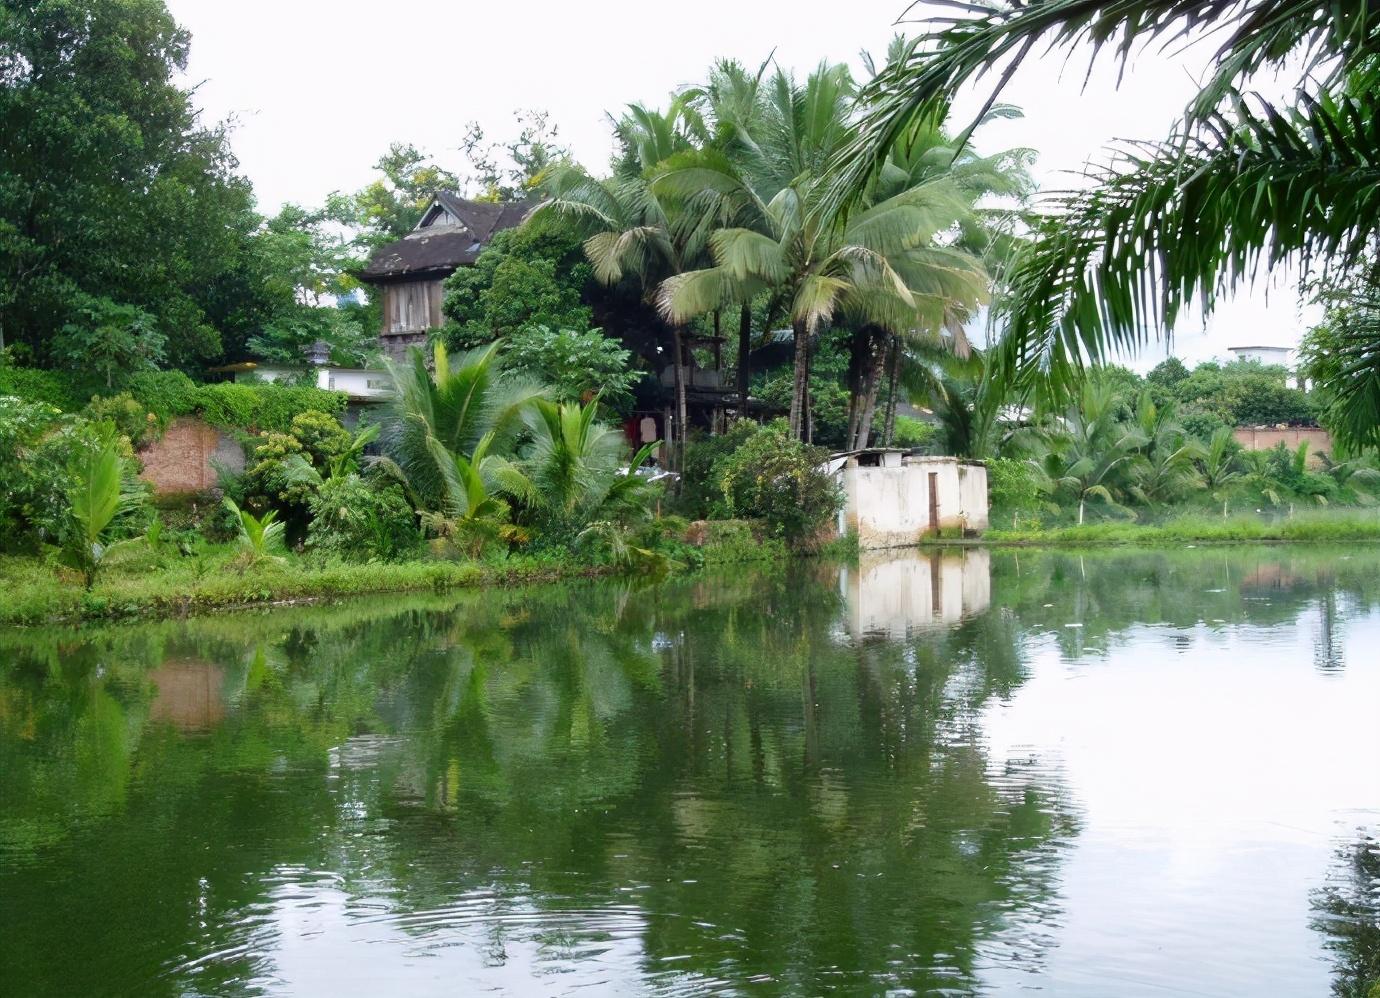 国内6个适合暑假去旅行的地方,清凉景美,去了一次还想再去